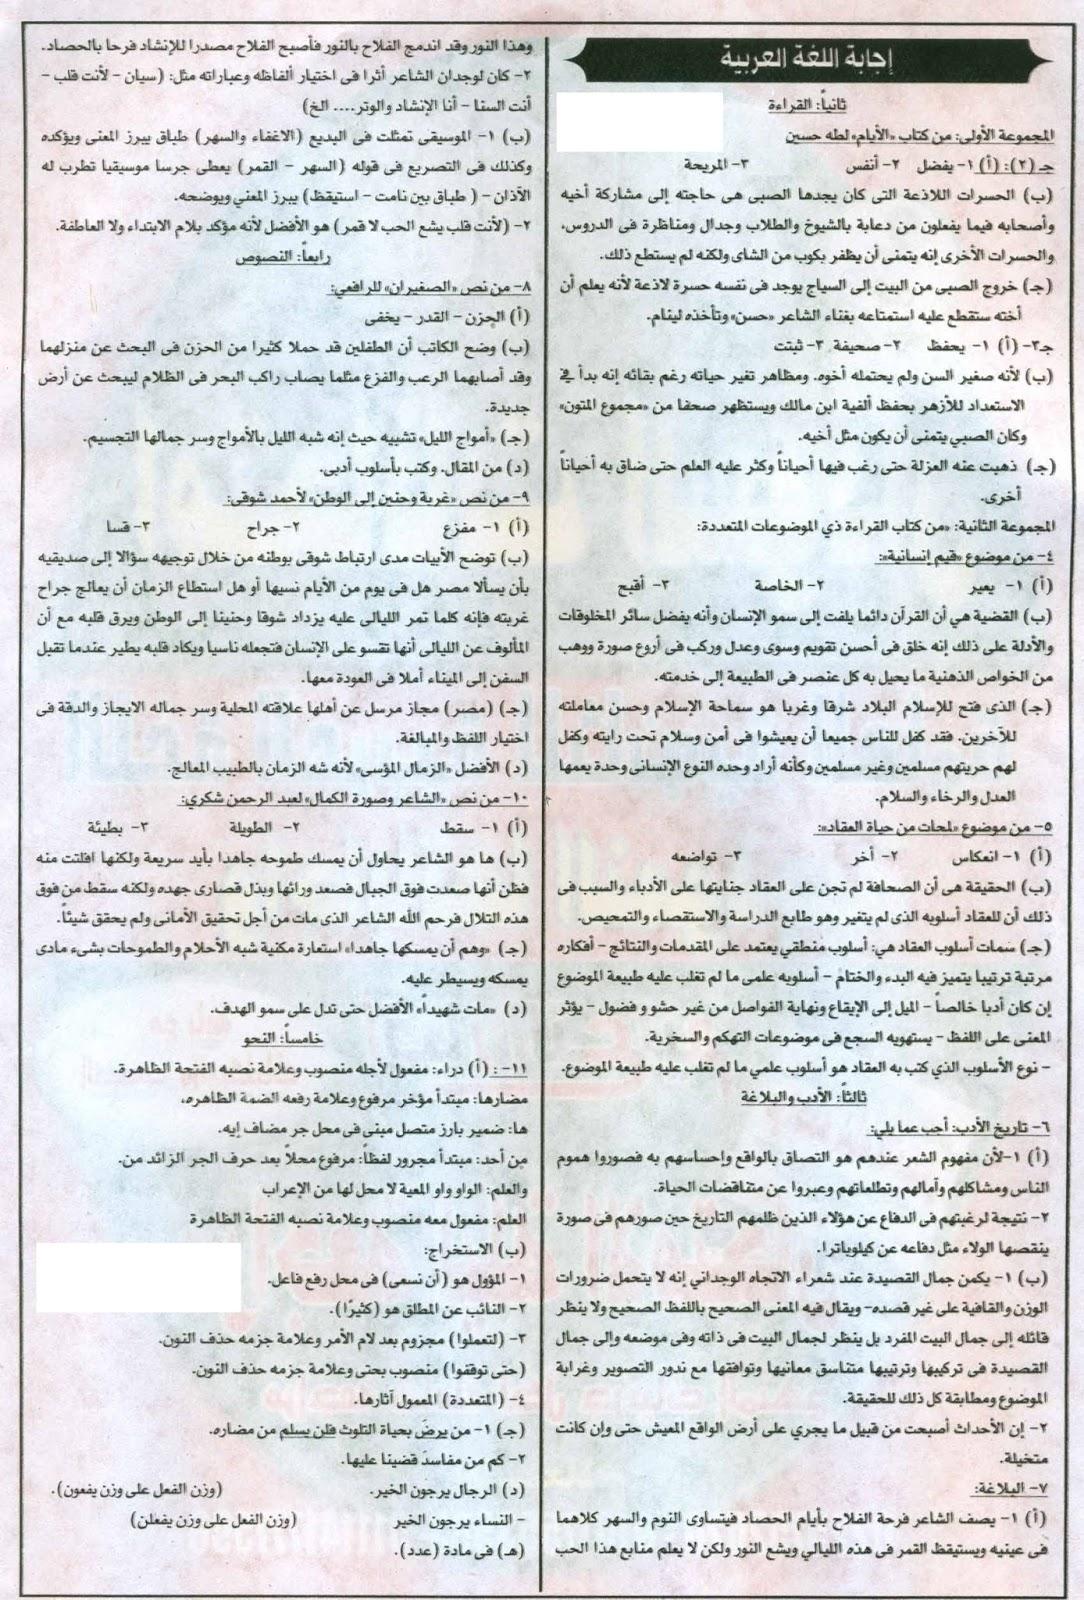 إمتحان السودان 2016 في لغة عربية